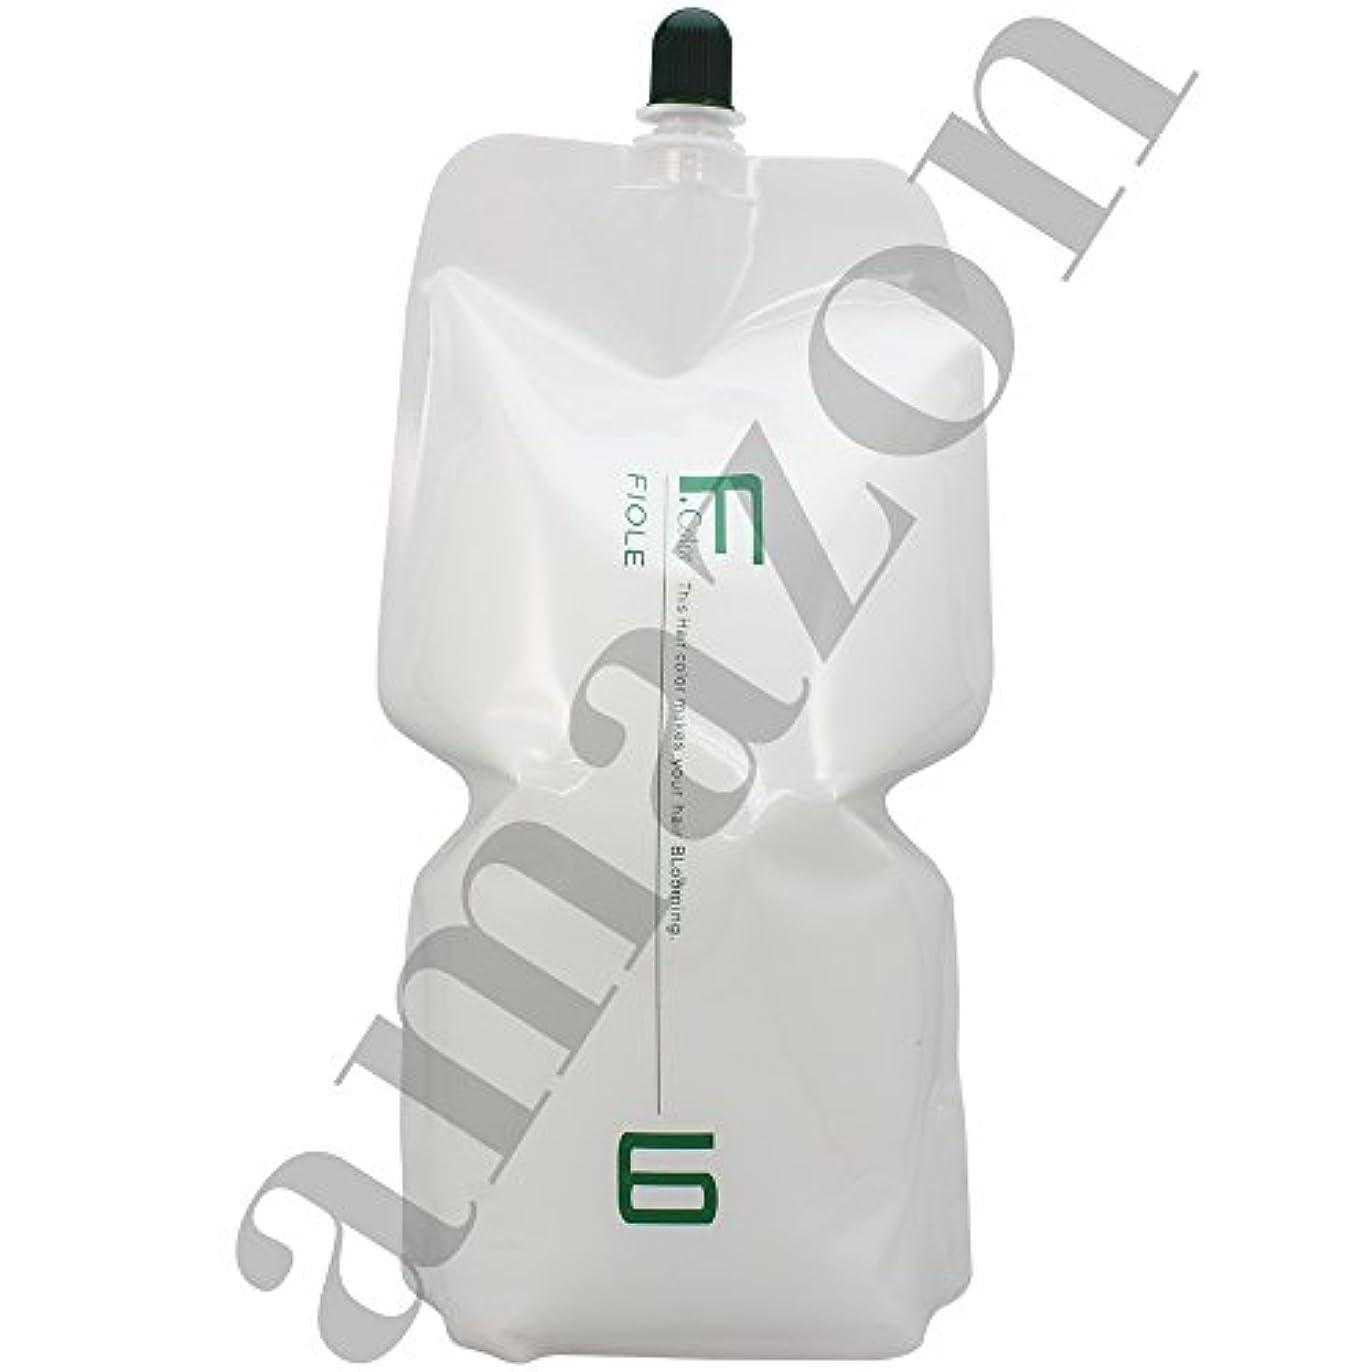 のホストフレキシブル感染するフィヨーレ BLカラー OX 2000ml 染毛補助剤 第2剤 パウチ (OX6%)